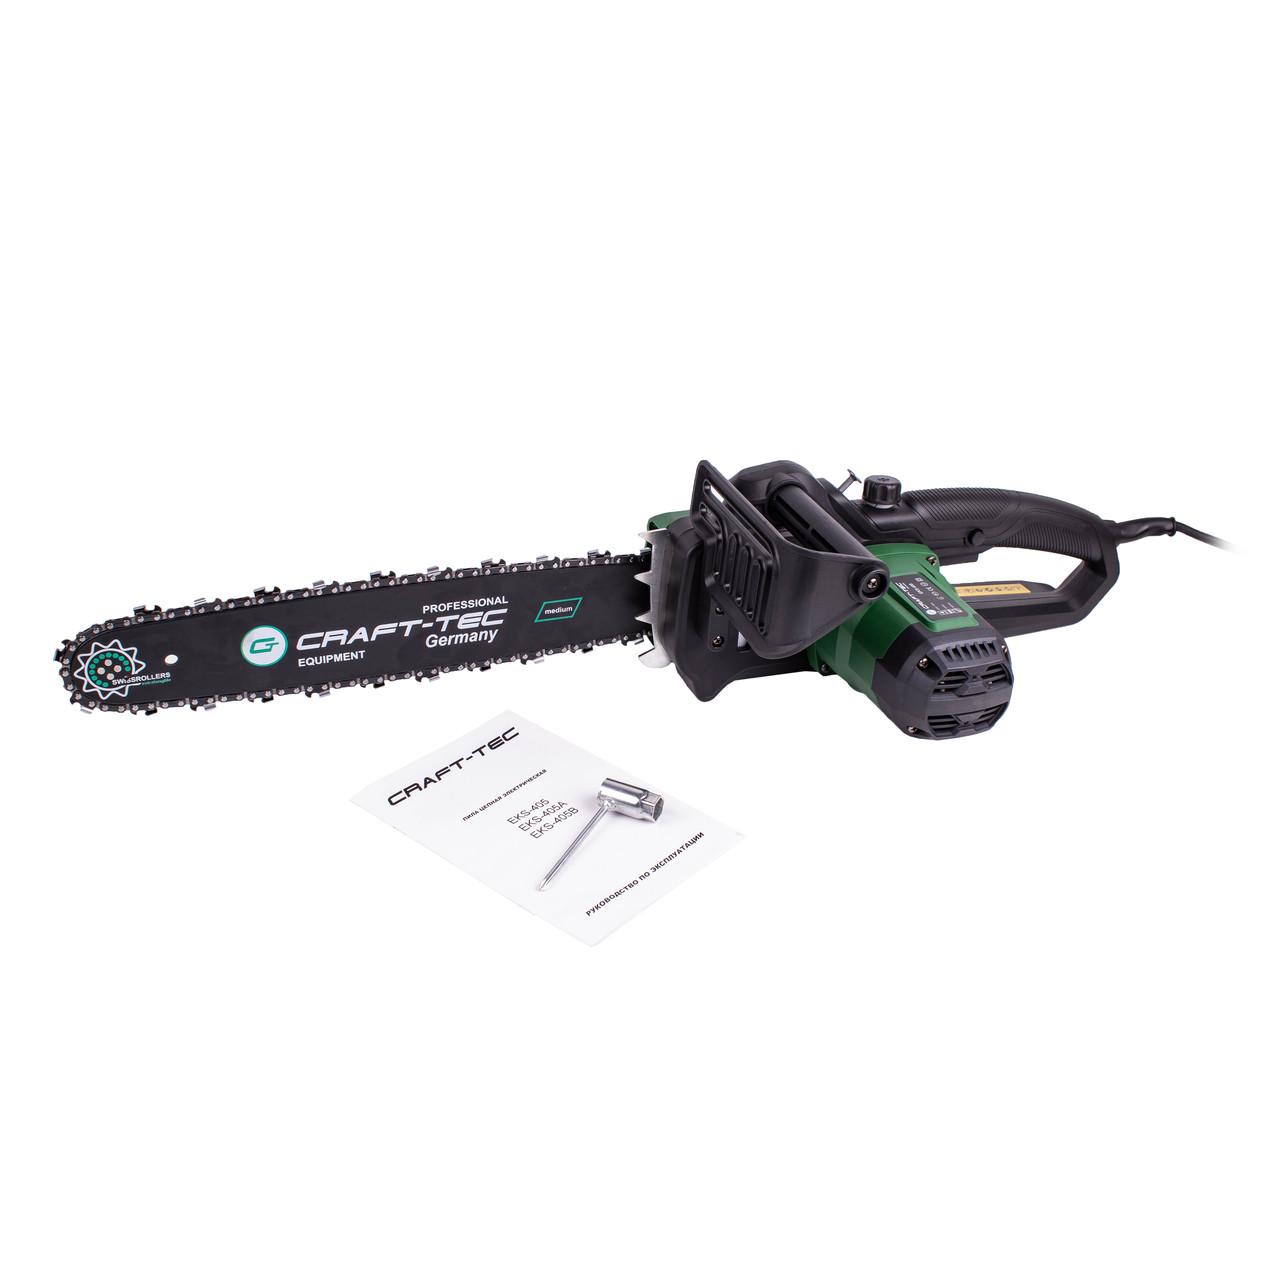 Электропила Craft-tec EKS-405 1 Шинь + 1 Цепь (автомат.натяжка цепи, ручной масл.насос)